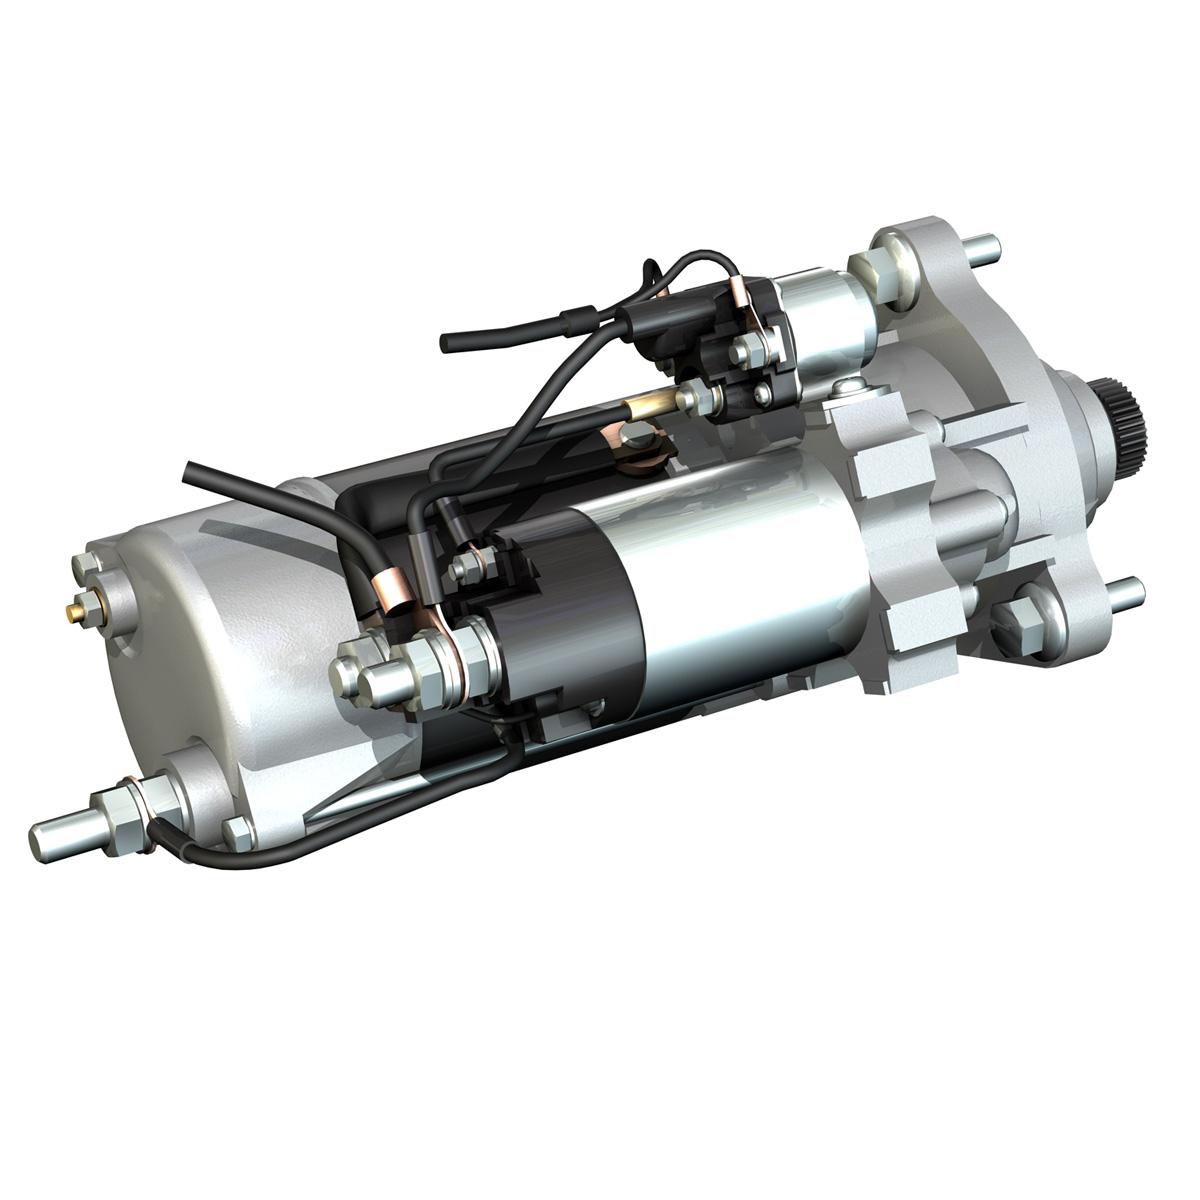 starter motor 02 3d model 3ds fbx c4d lwo obj 201928